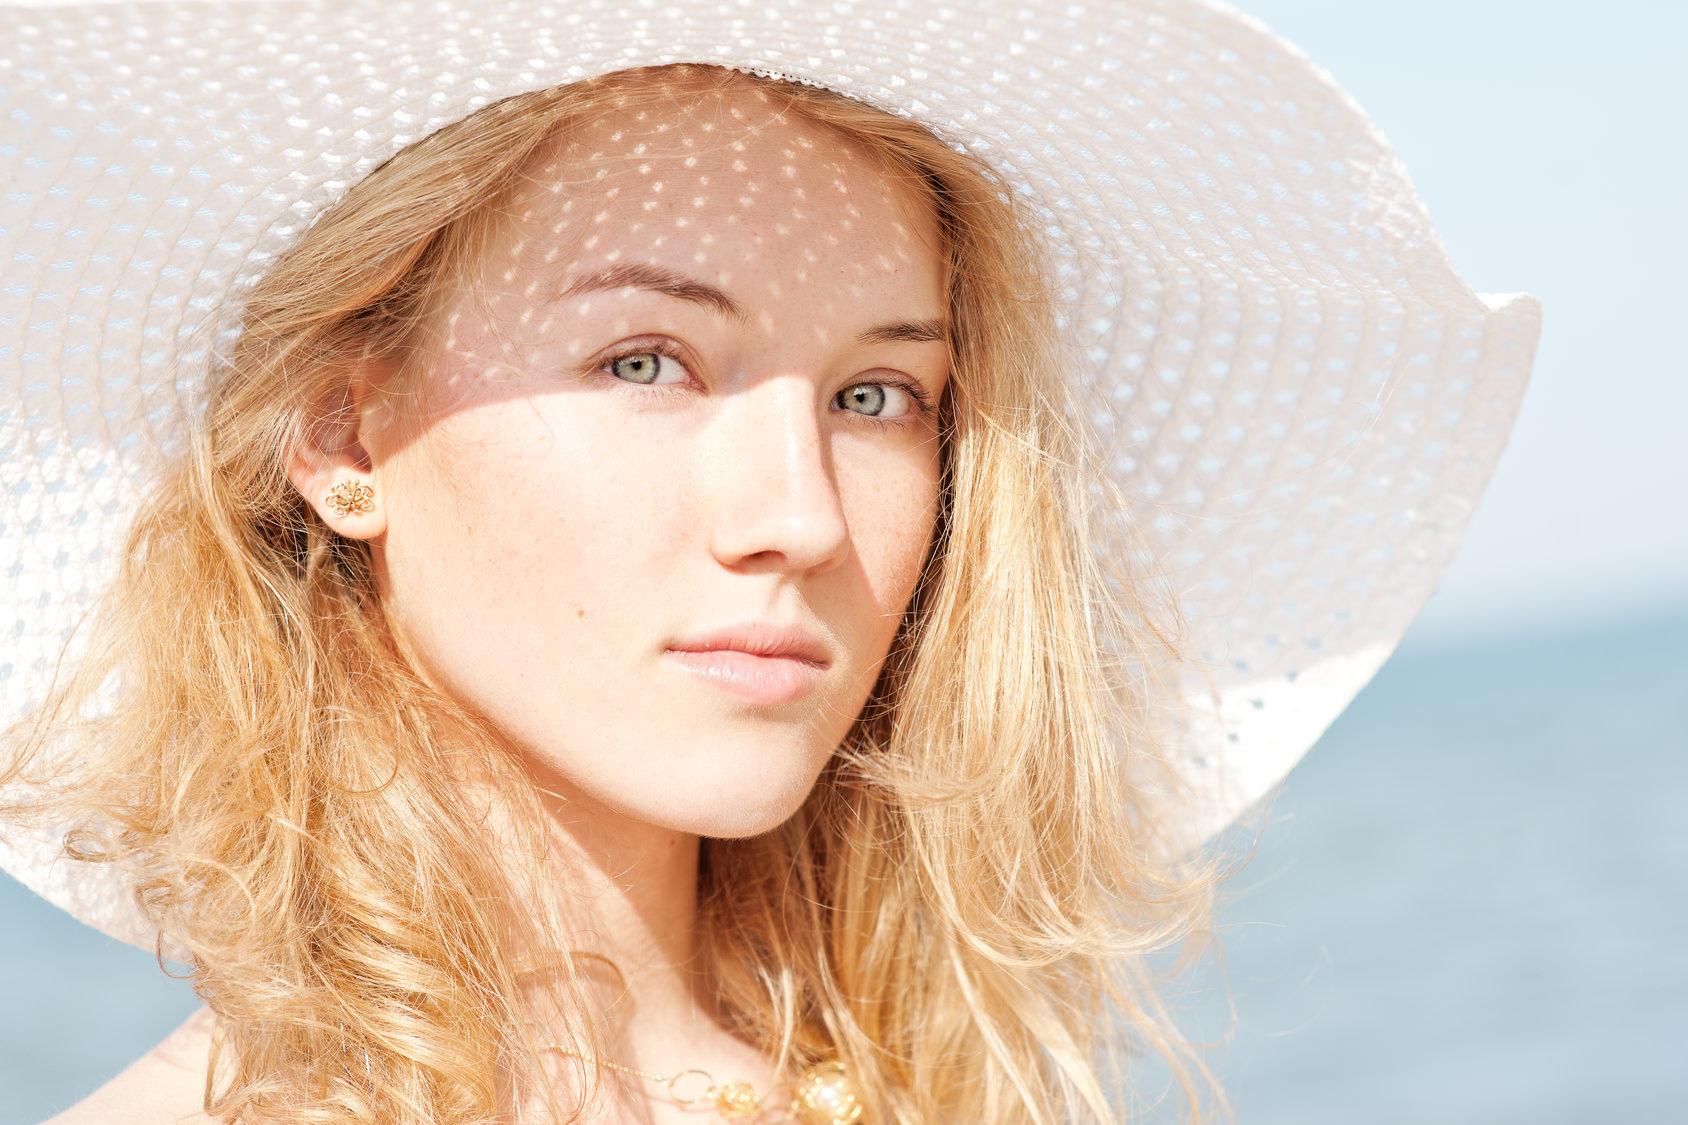 tratamientos dermatologia ideales verano